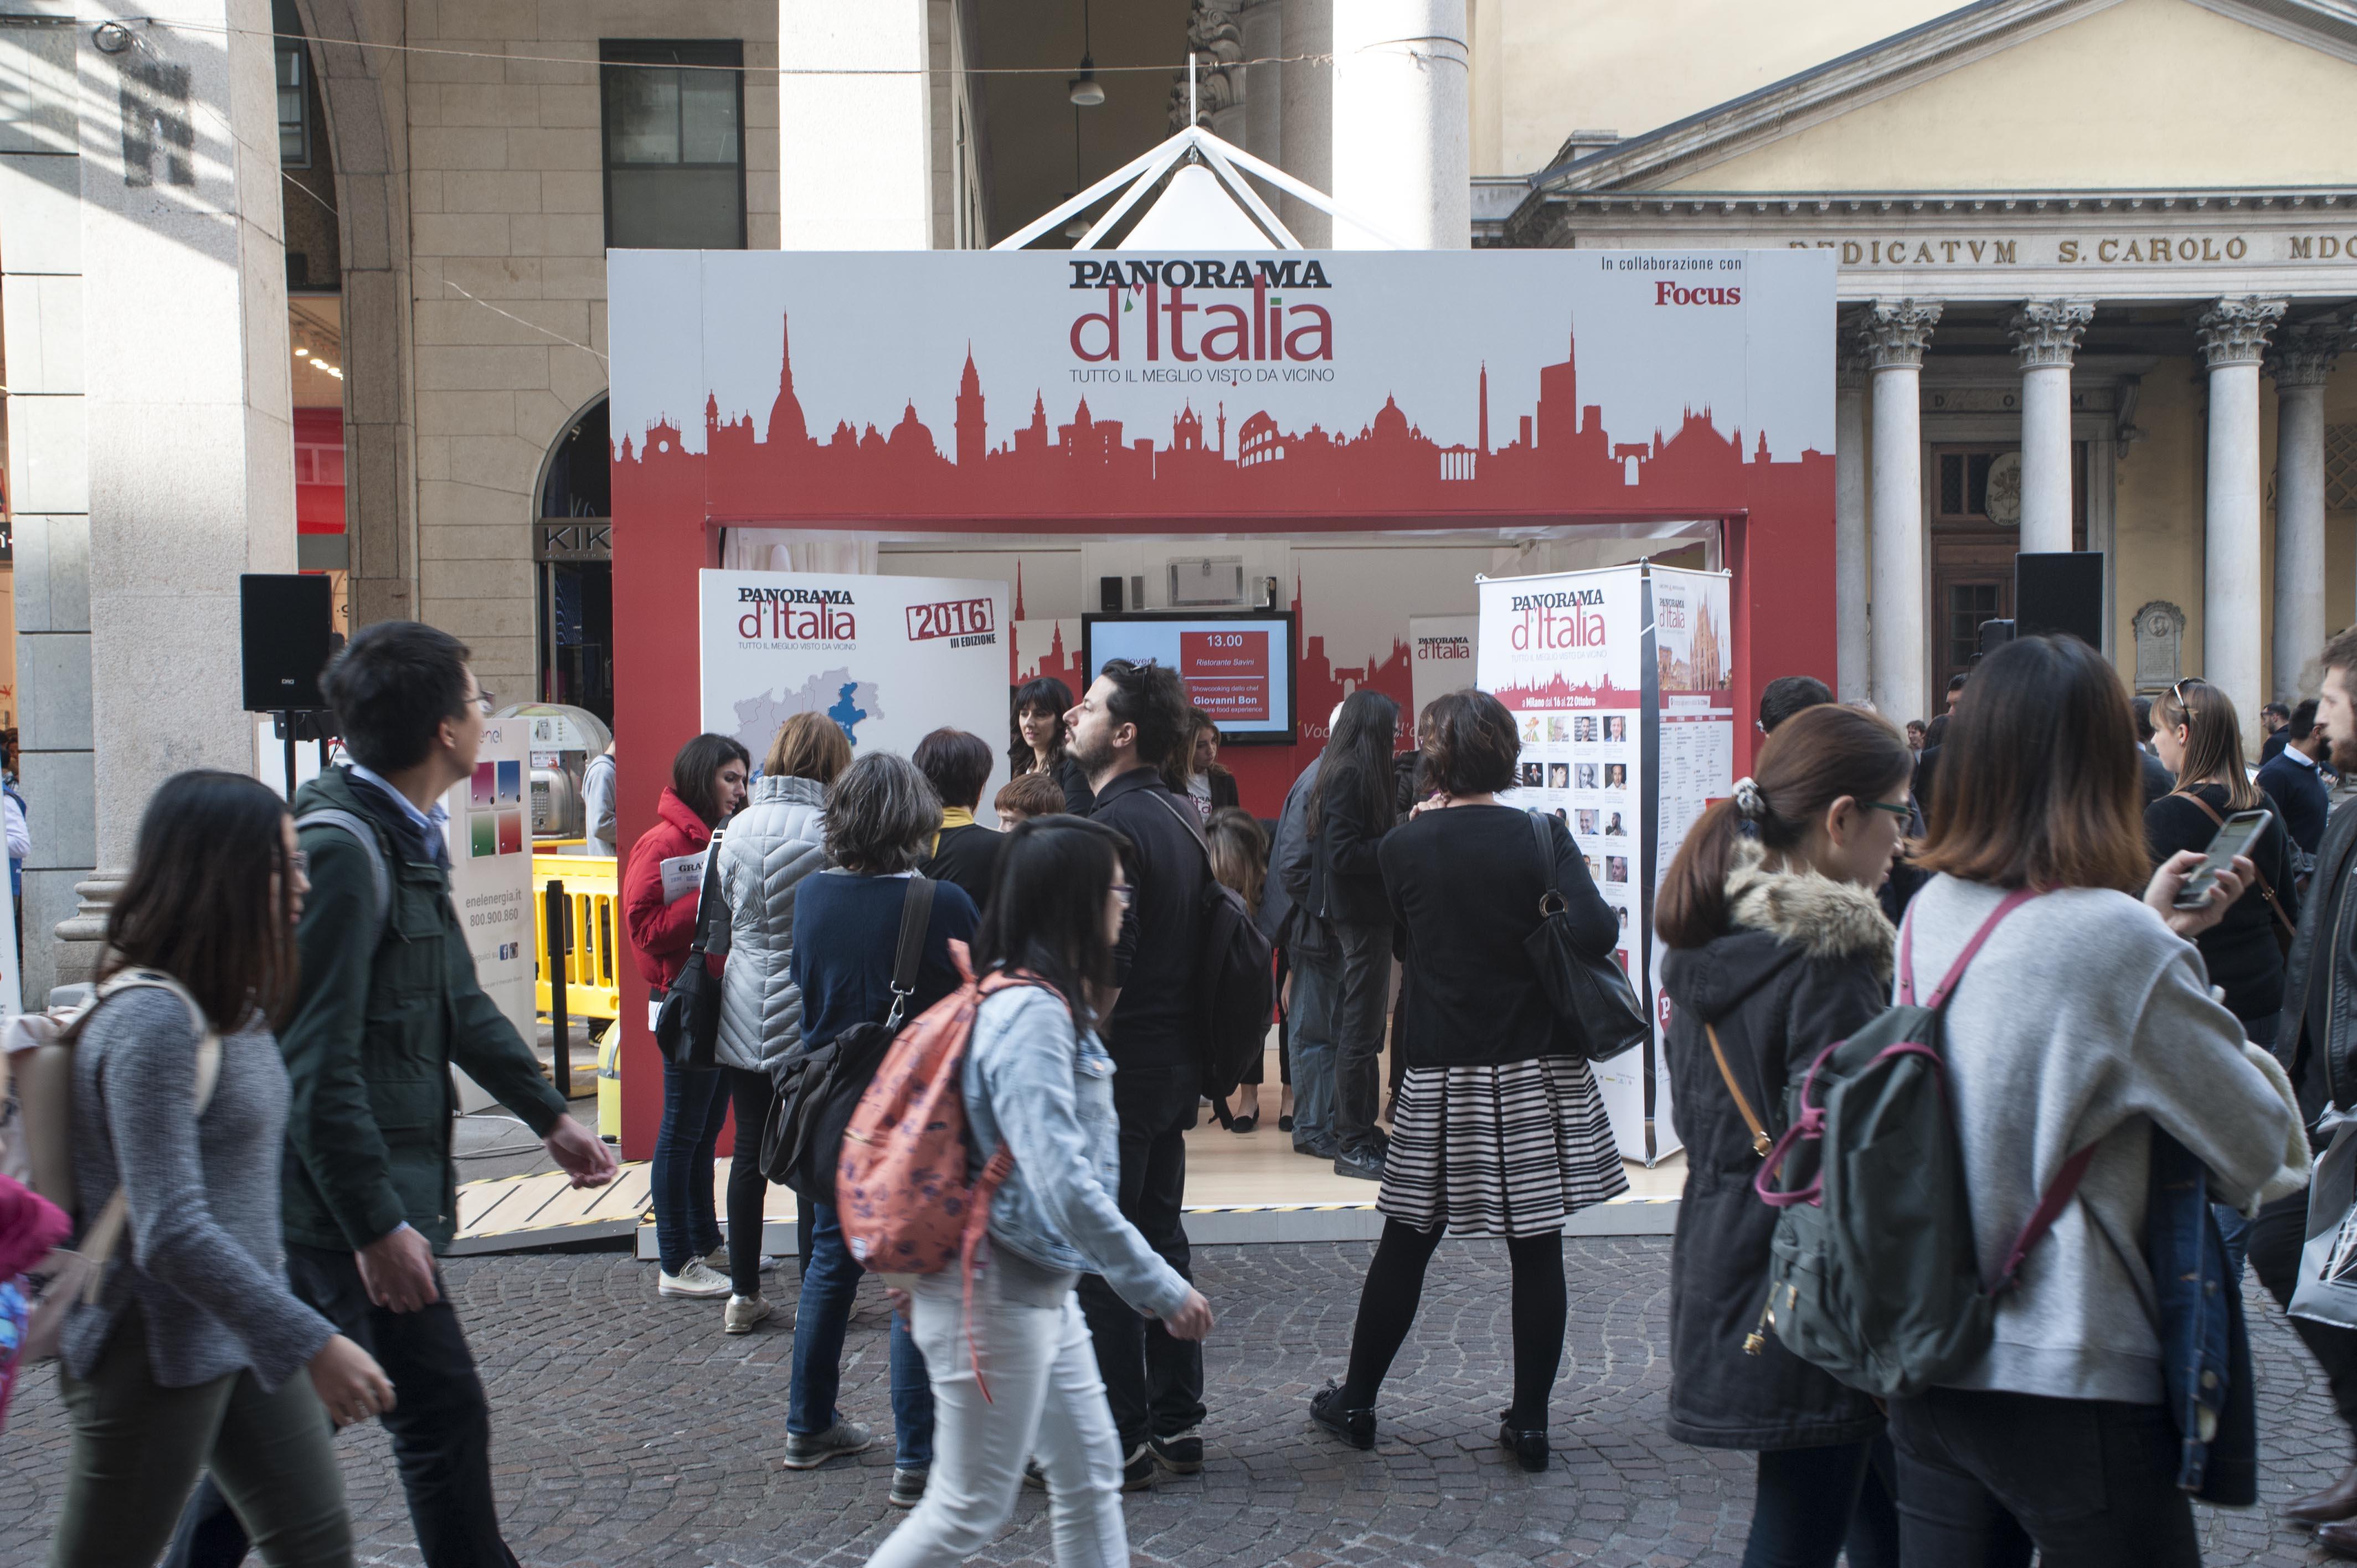 Panorama d'Italia fa tappa a Palermo, ecco il programma